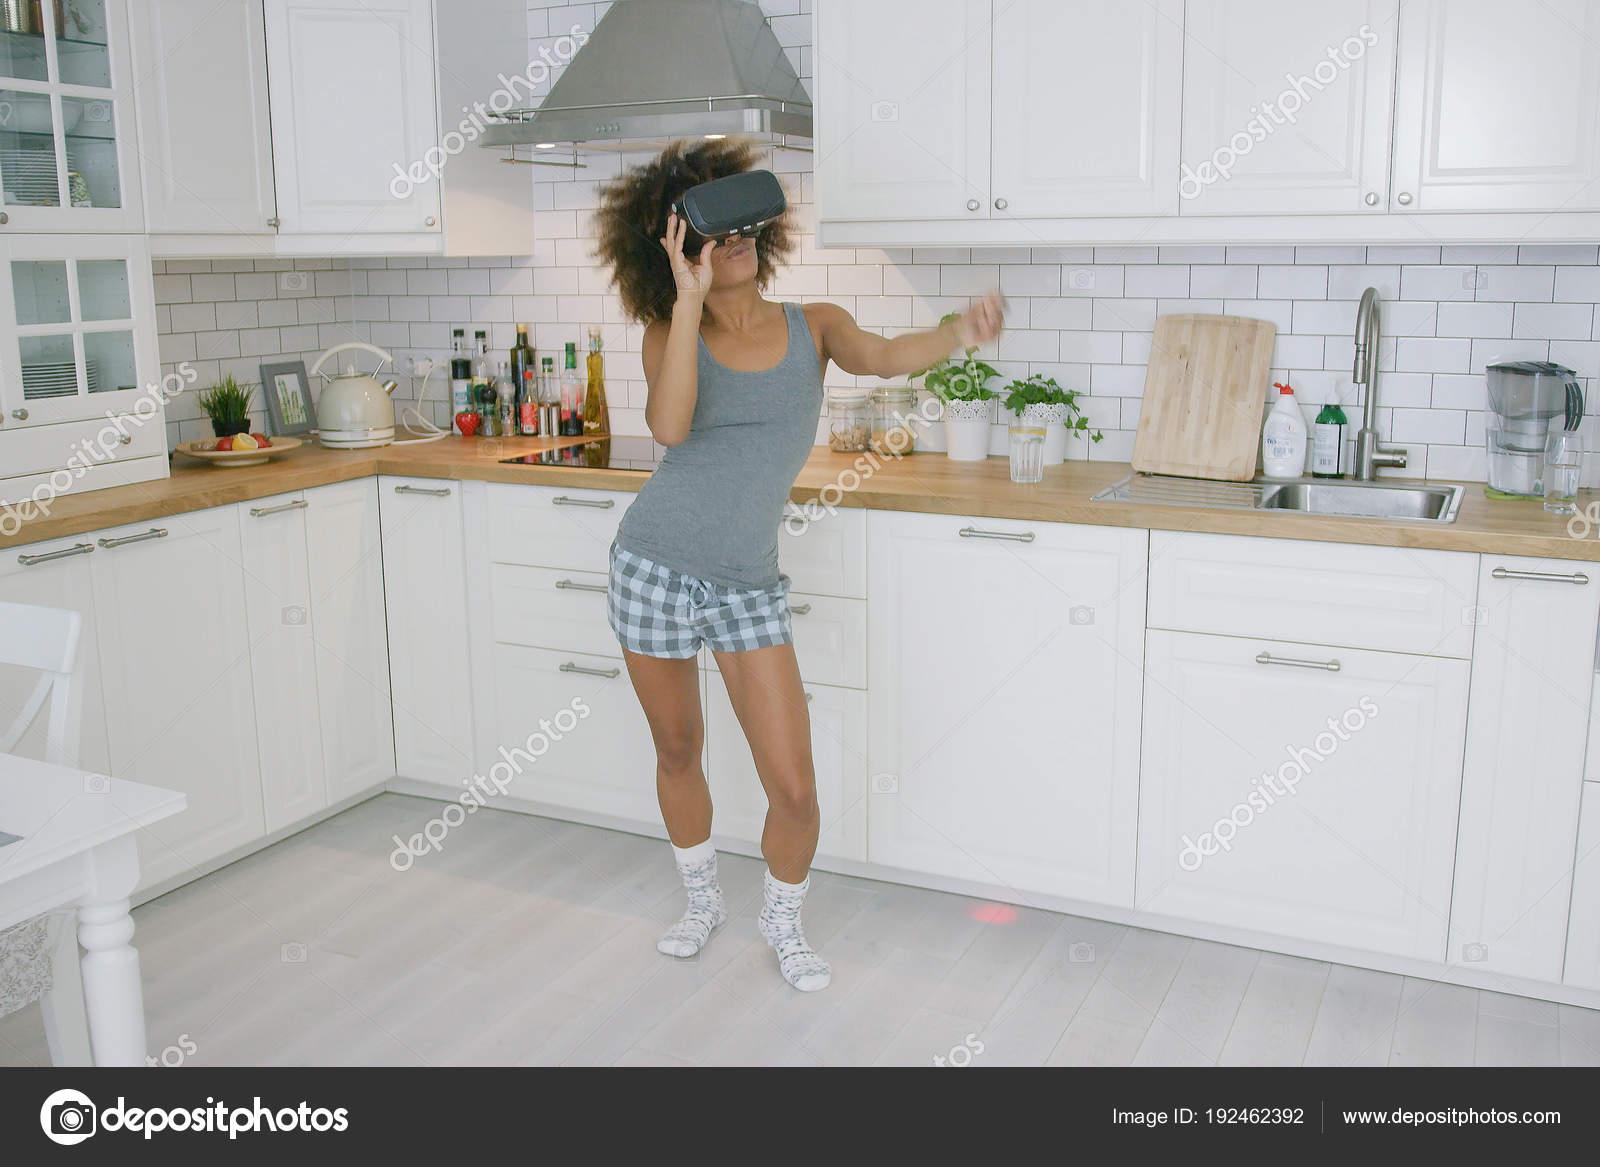 Frau im Vr-Brille tanzen in Küche — Stockfoto © dashek #192462392